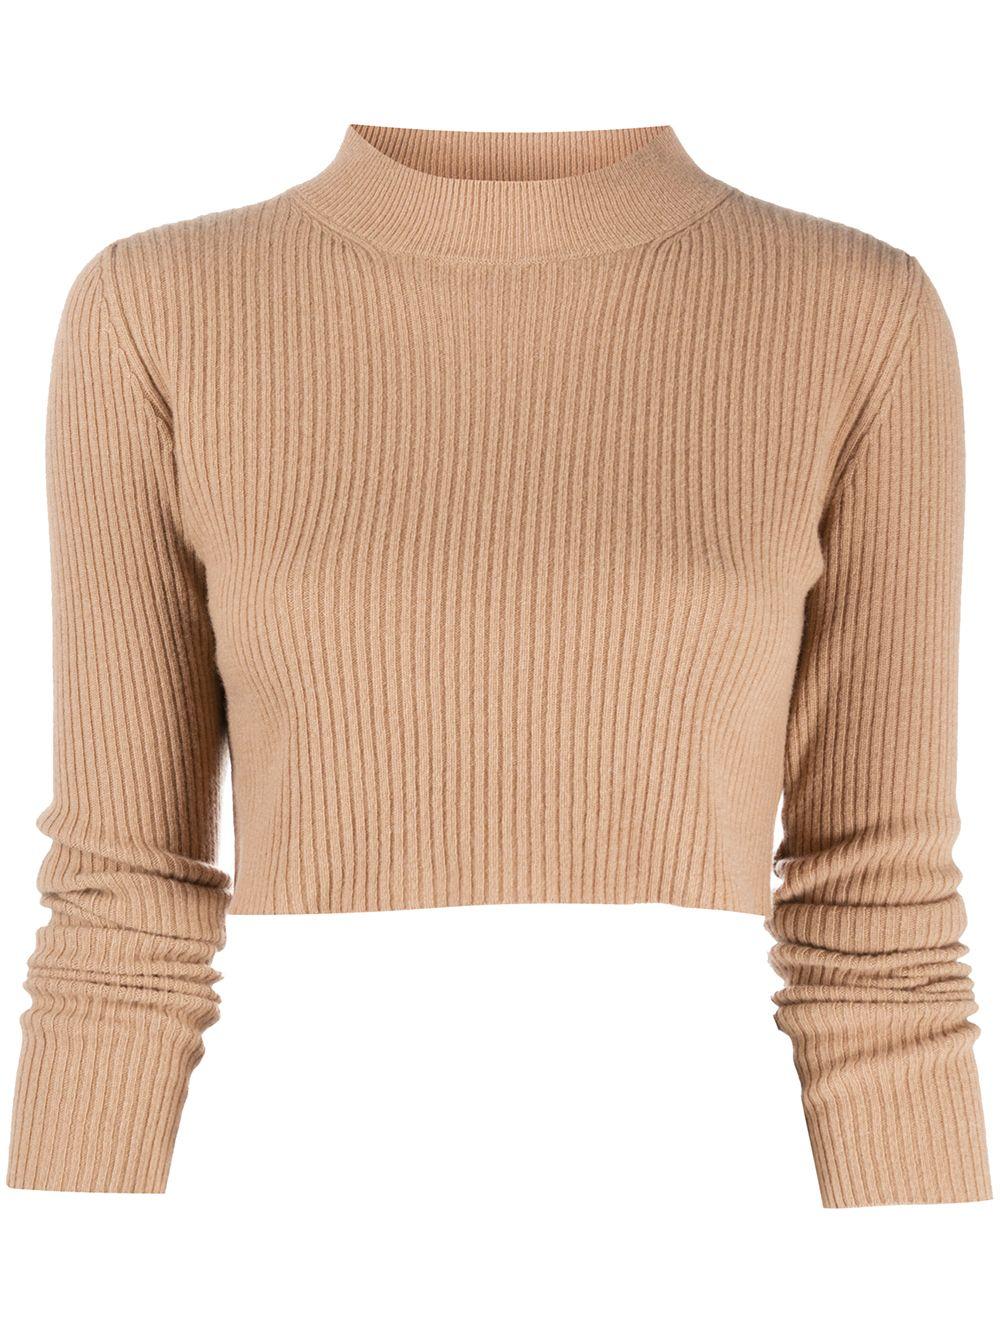 Enny Wool Sweater